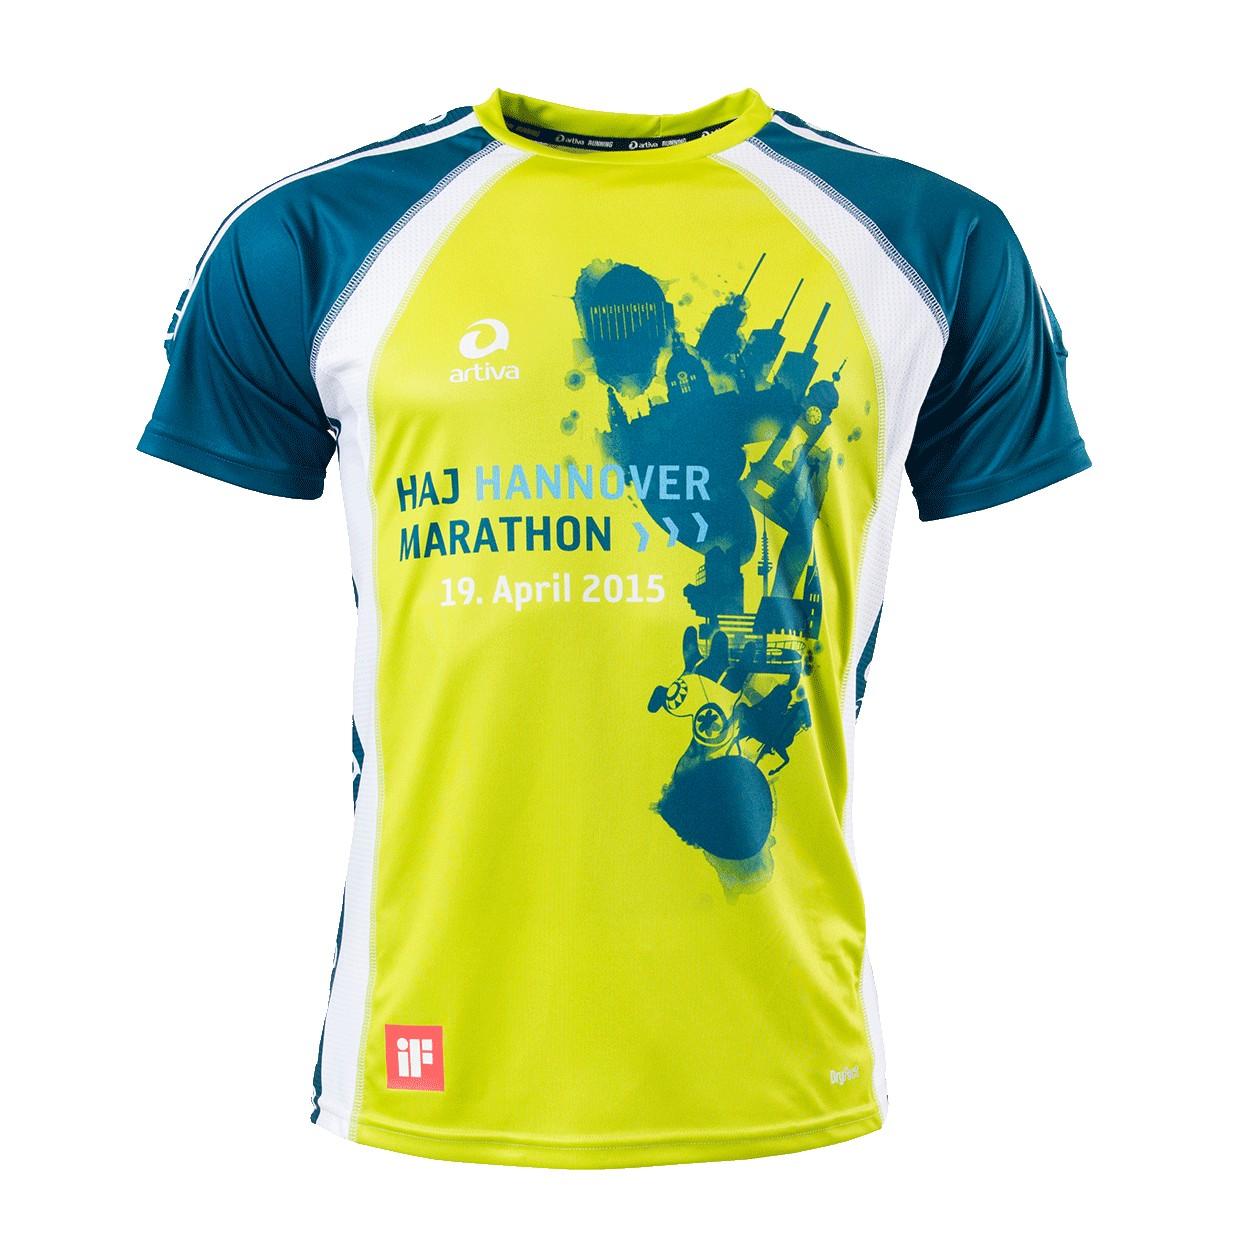 HAJ Finisher Shirt 2015 (Running)